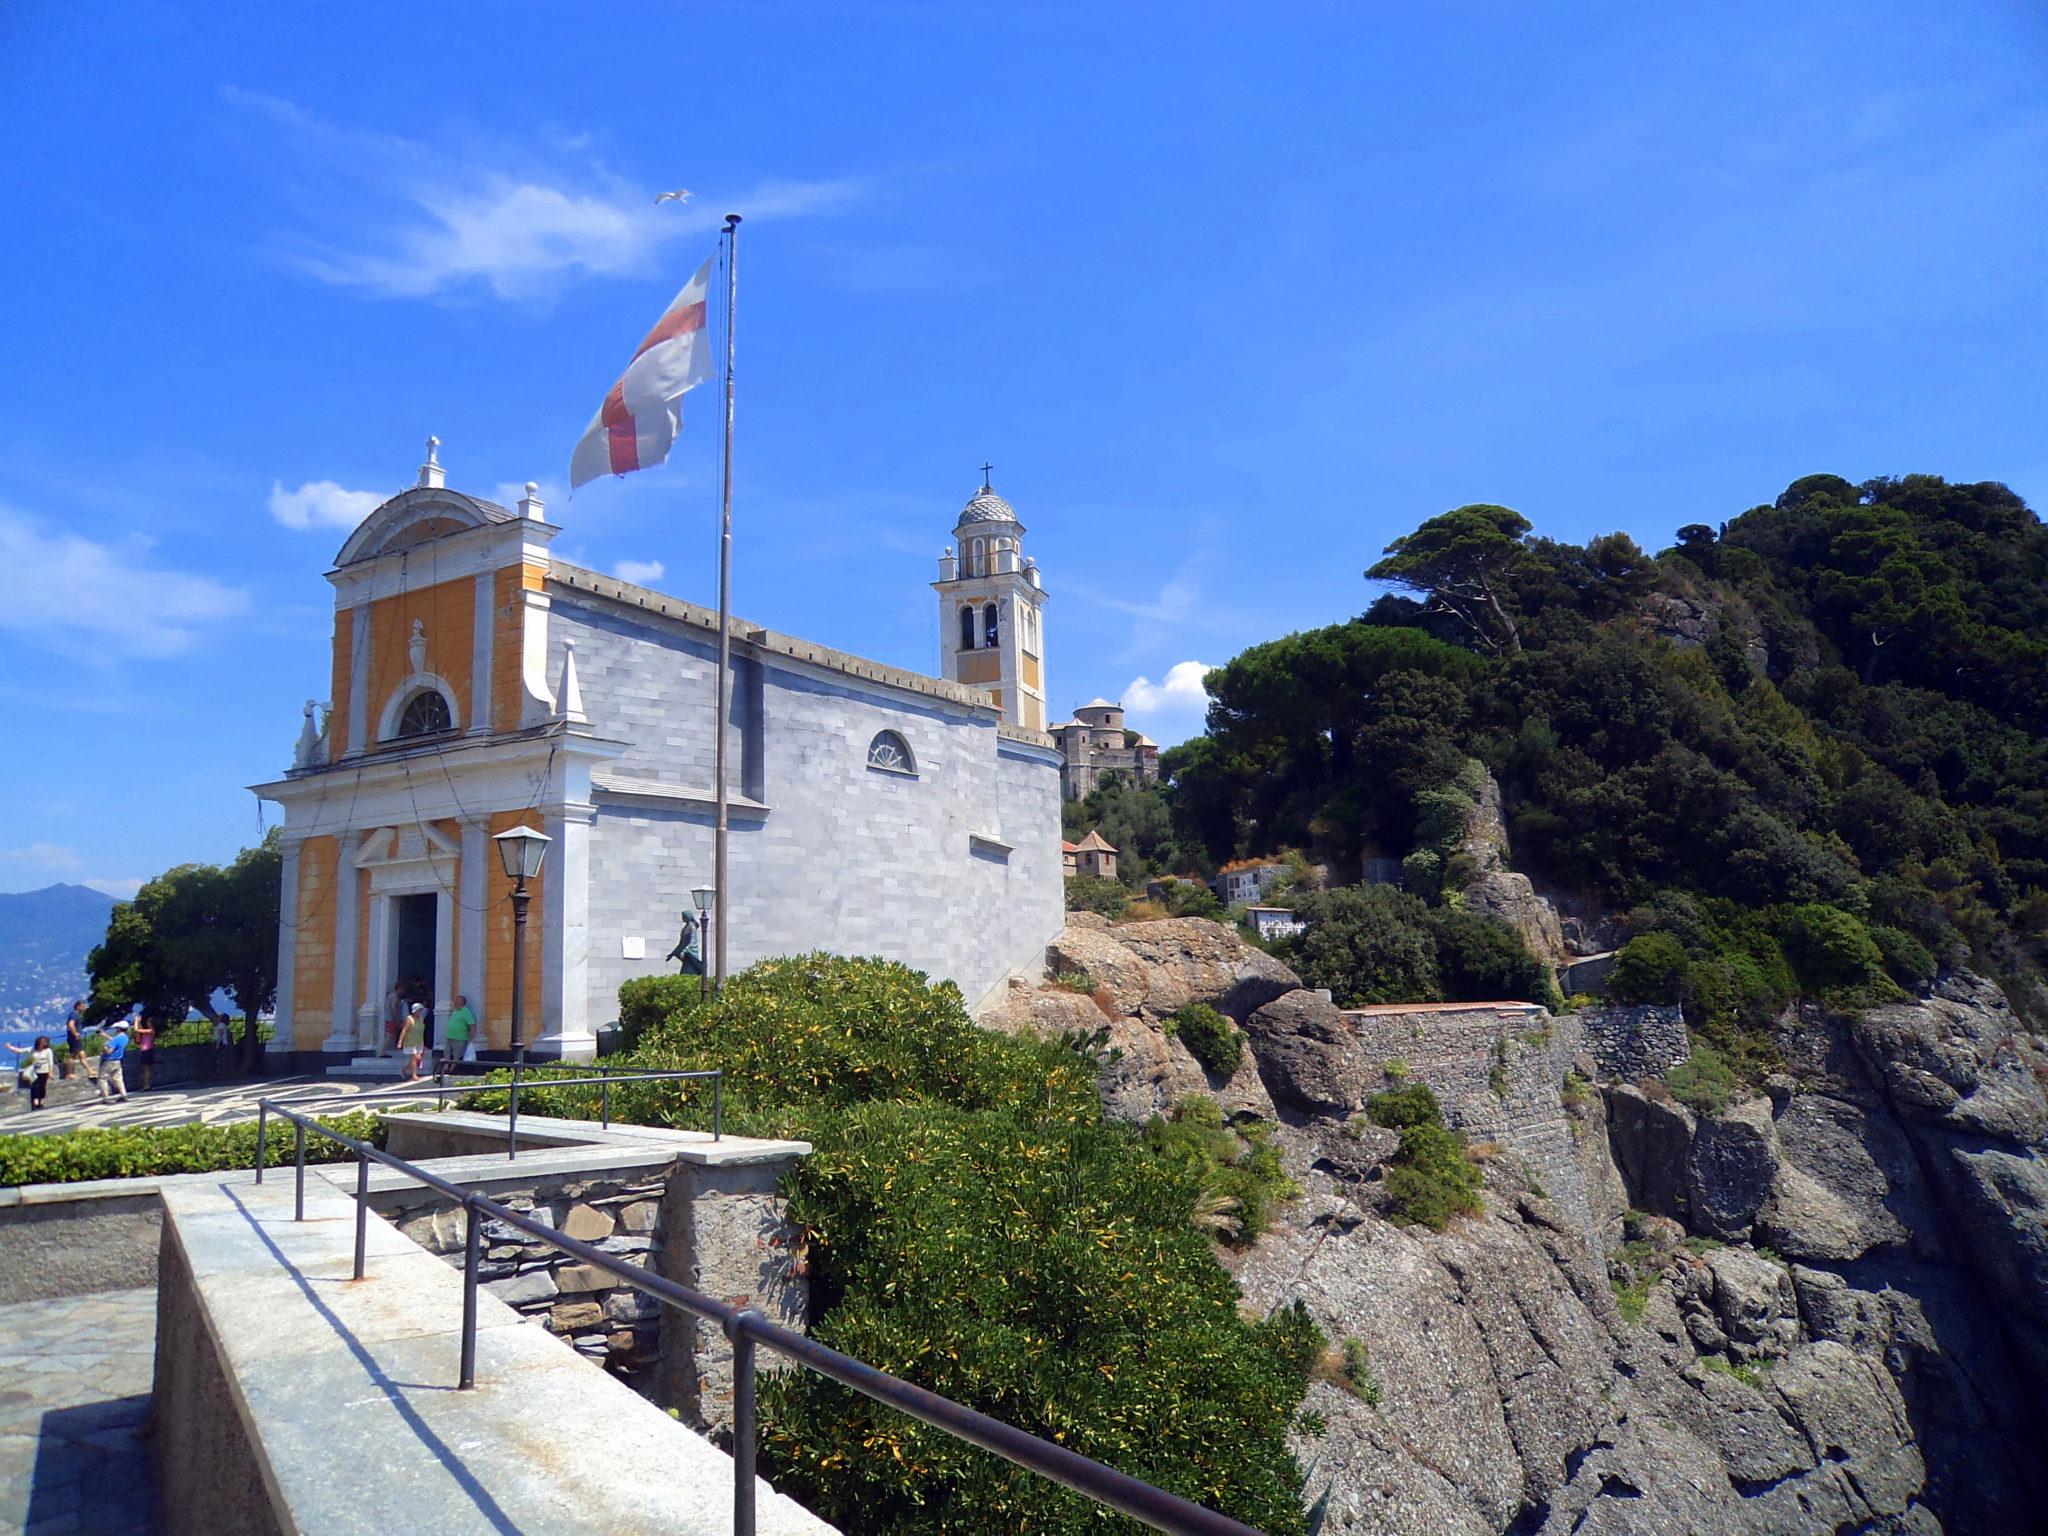 Chiesa San Giorgio Portofino